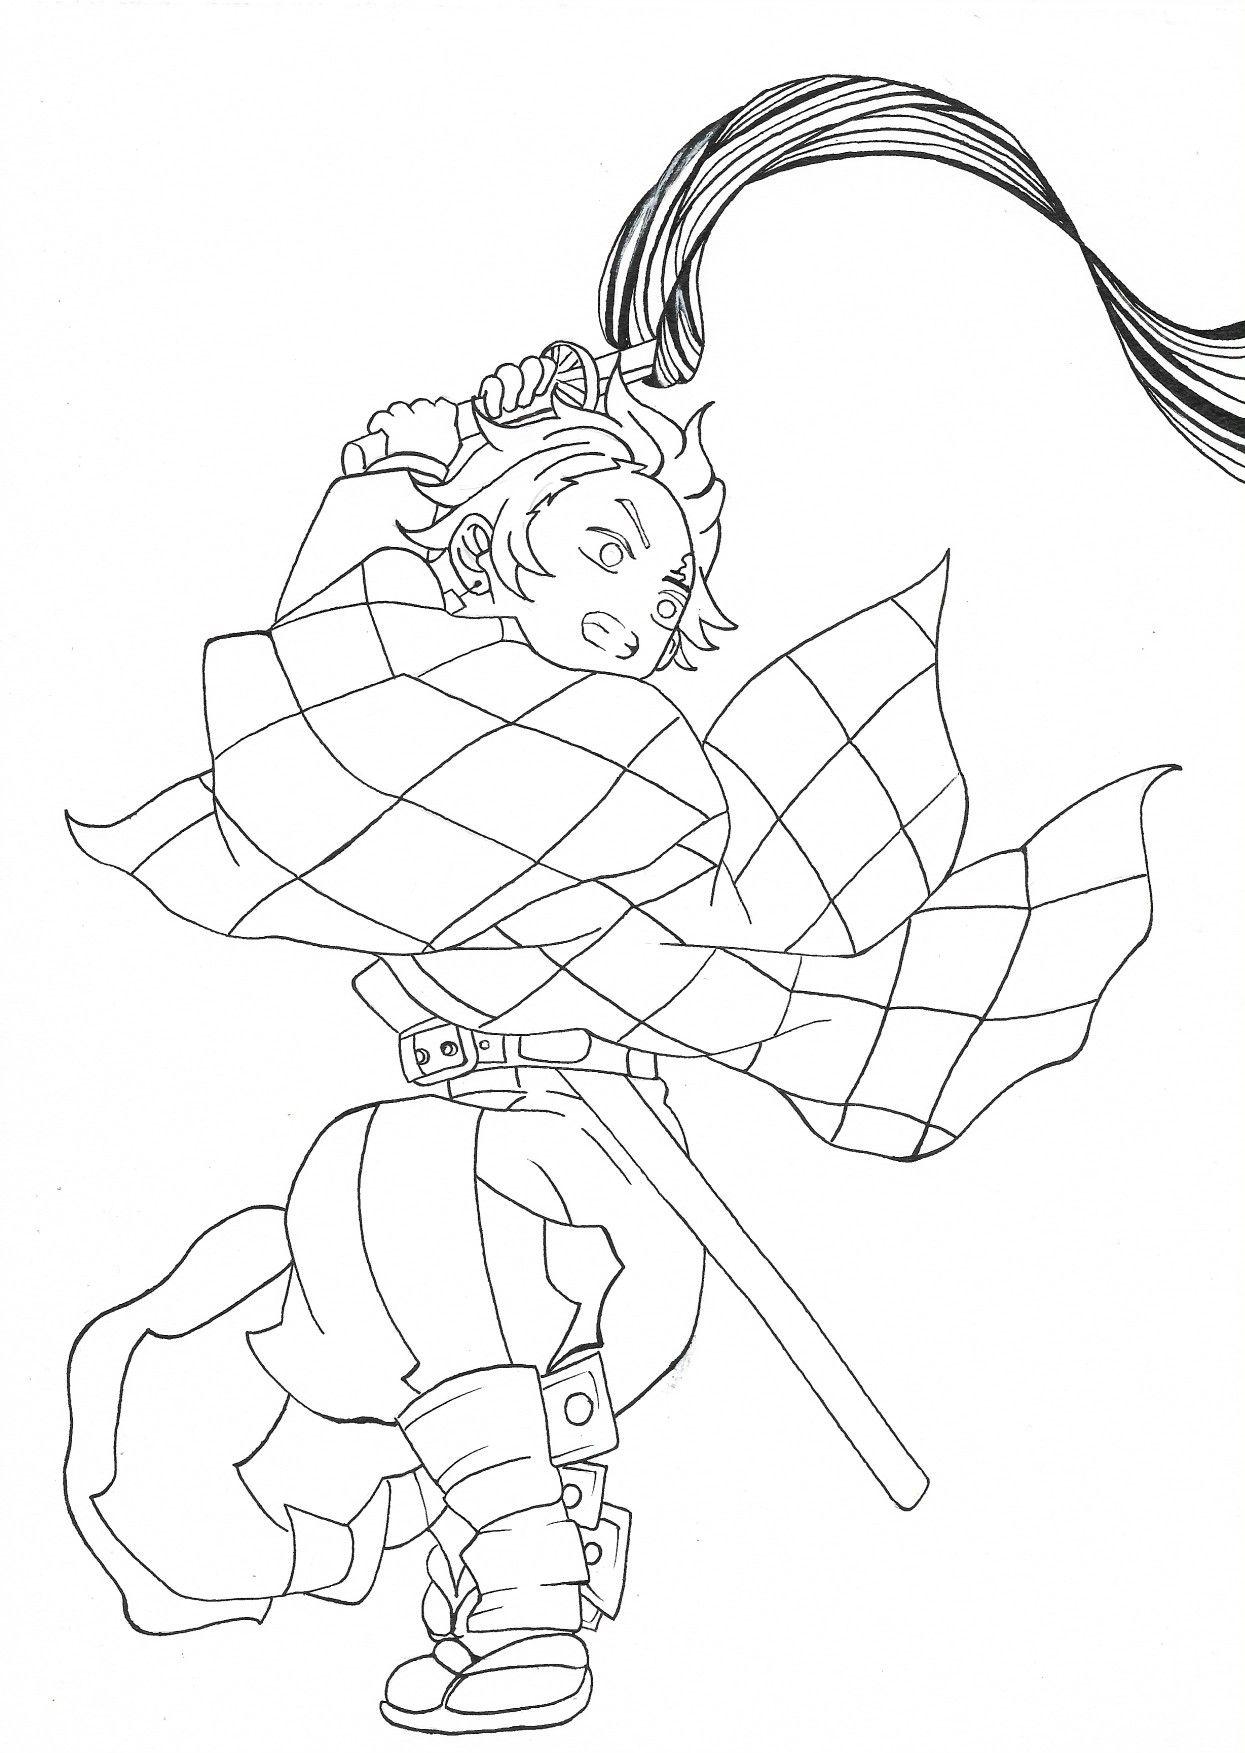 Tanjiro Com Imagens Bts Desenho Desenhos Desenhos Dragonball